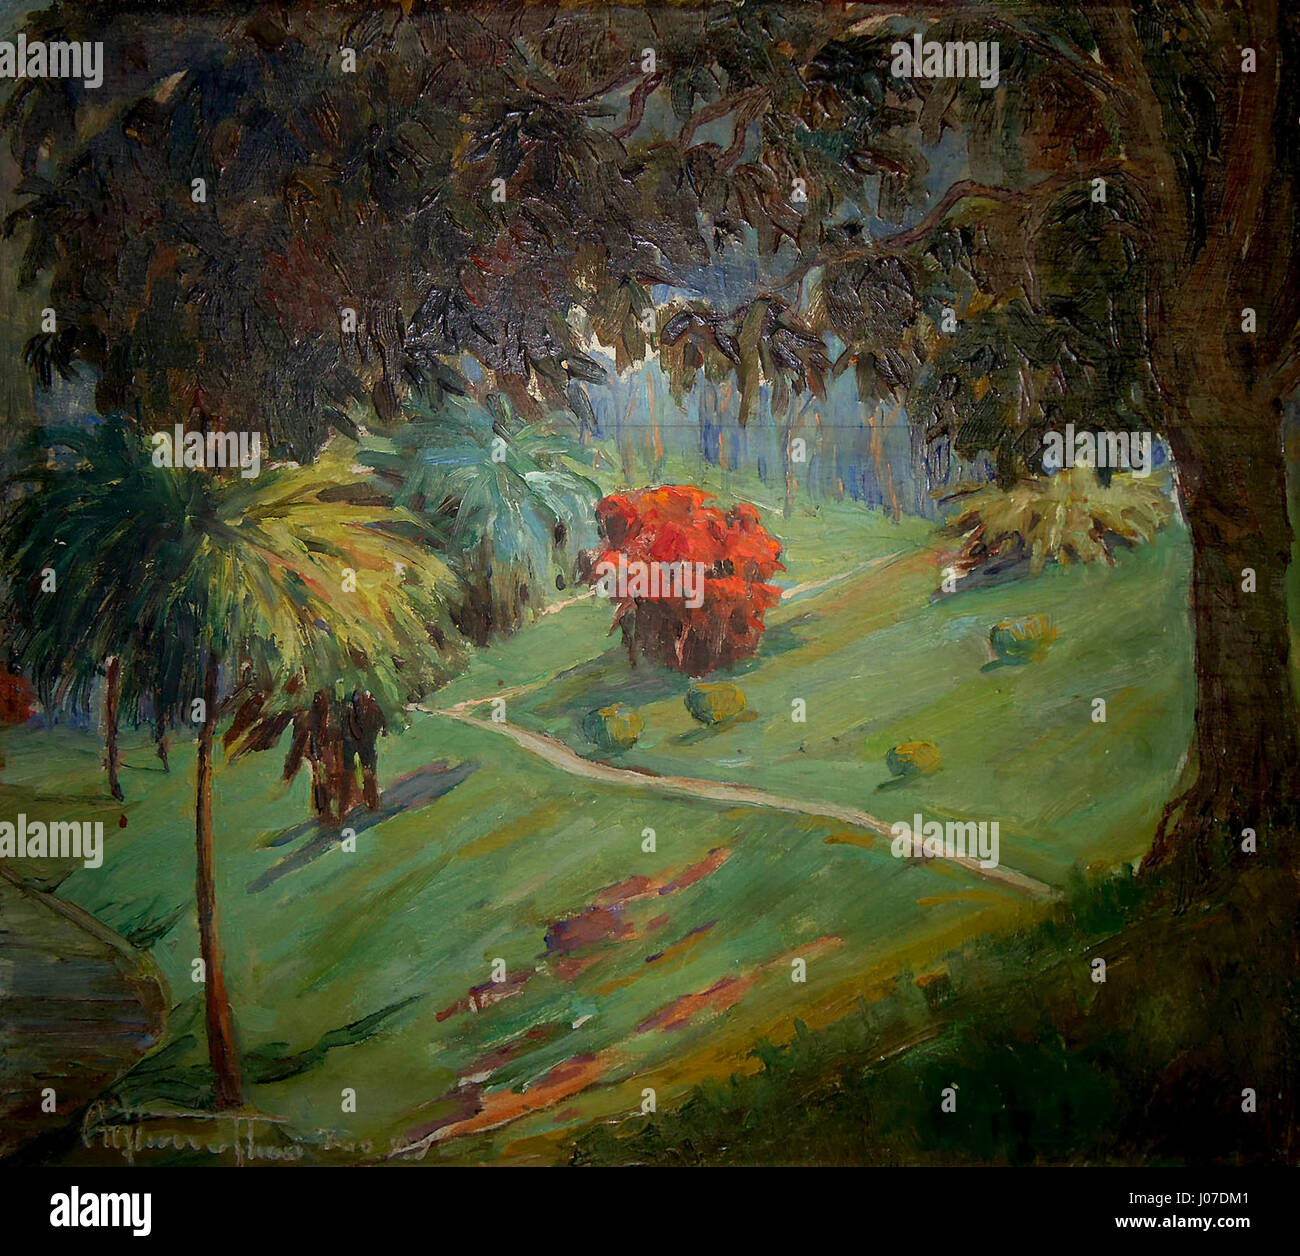 Arthur Timótheo da Costa, paisagem com arbusto vermelho, Rio de Janeiro, 1914, óleo sobre madera, 28 x Immagini Stock